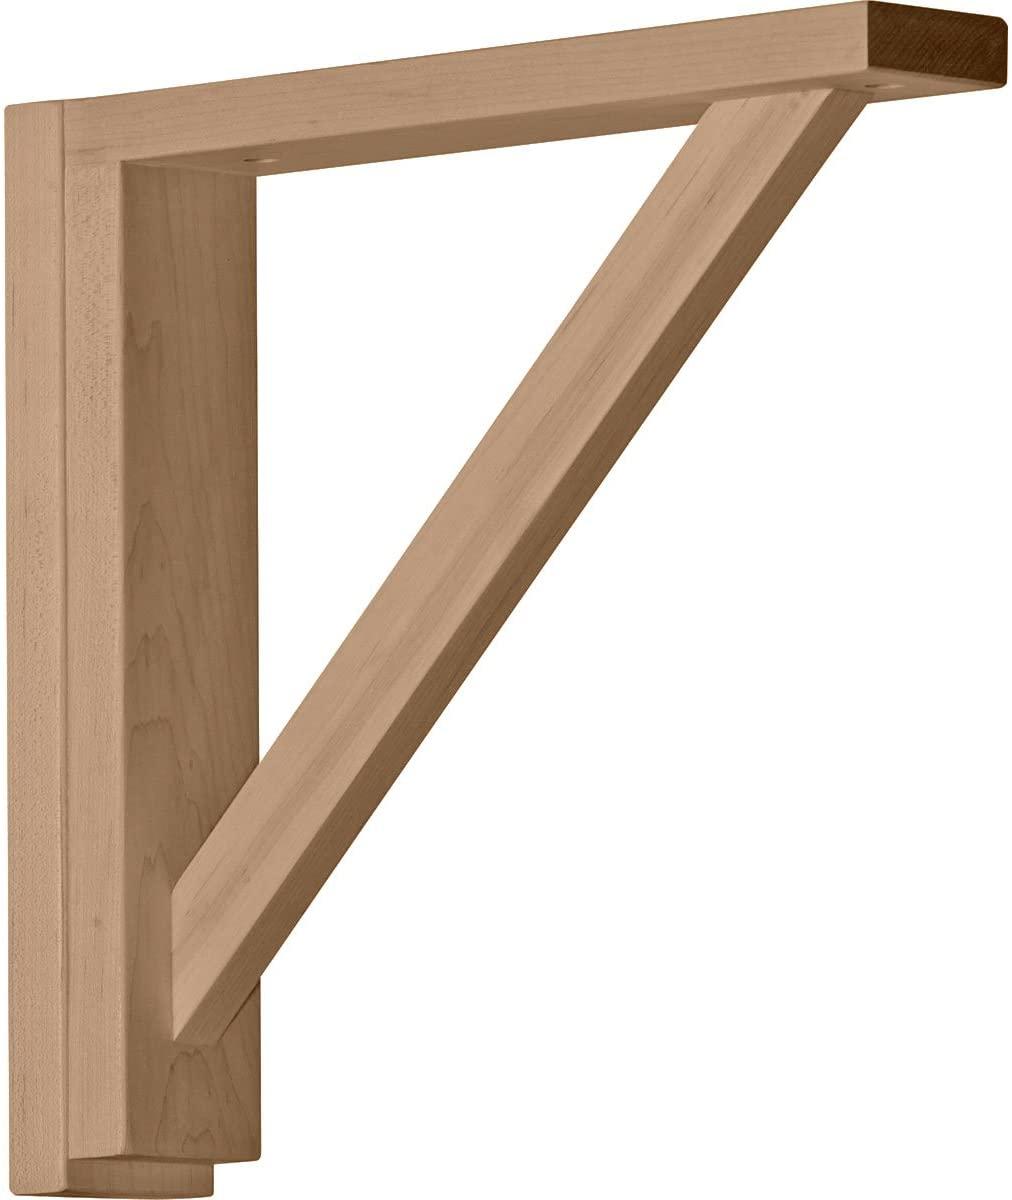 Ekena Millwork BKT02X12X12TRRO-CASE-2 2 1/2 inch W x 12 3/4 inch D x 12 1/4 inch H Traditional Shelf Bracket, Red Oak (2-Pack),